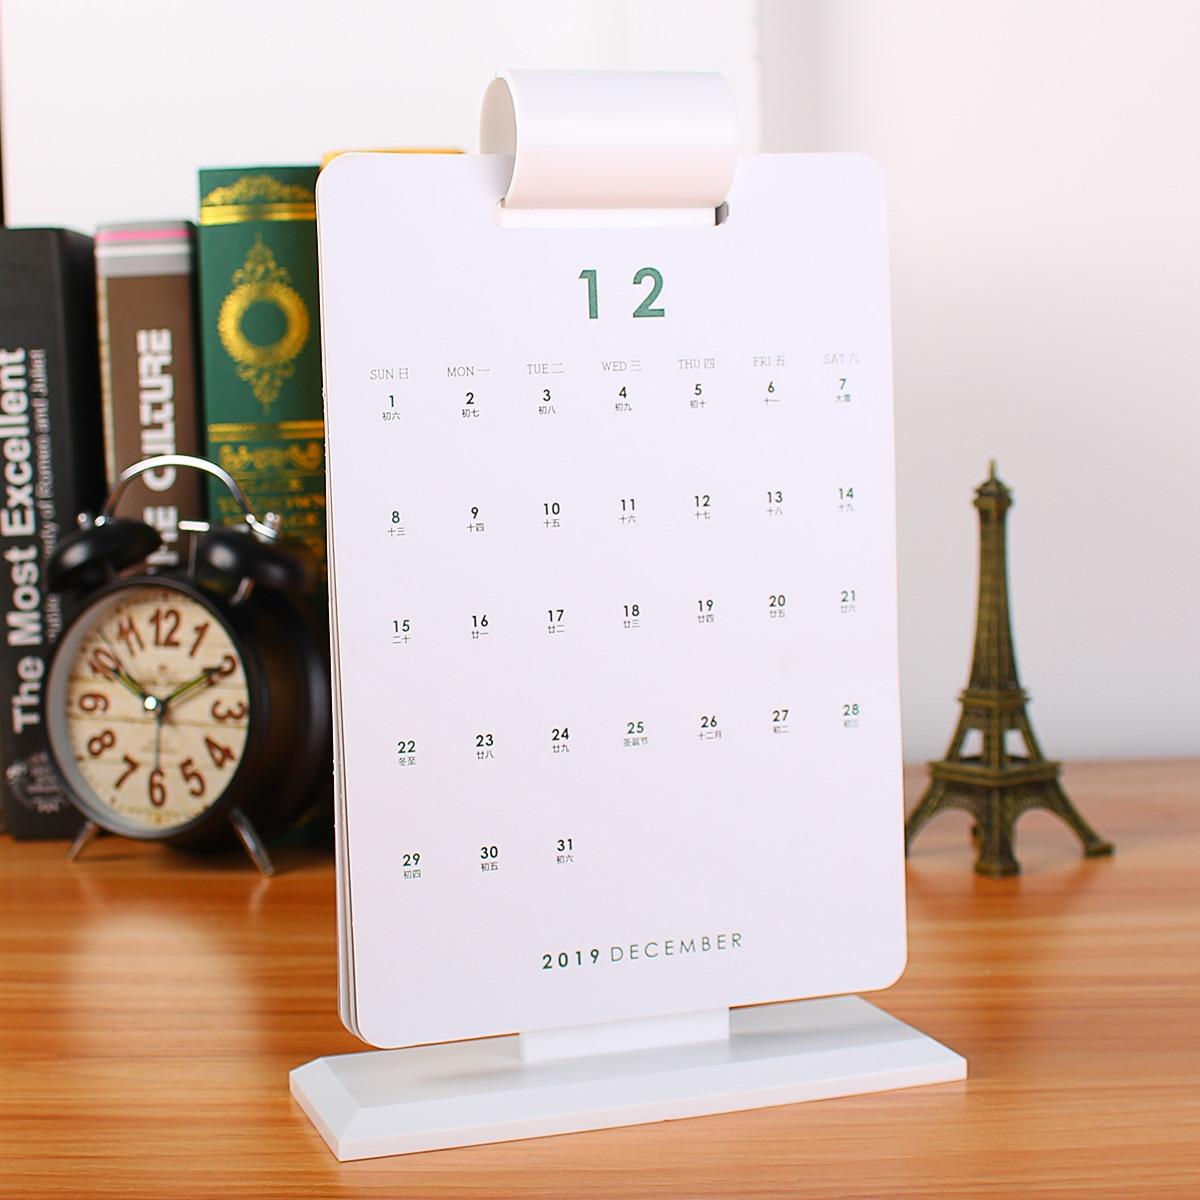 Kalender, Planer Und Karten Und Ausland Weithin Vertraut. Kalender 2019 Einfache Design Desktop Stehenden Papier Kalender Memo Täglichen Zeitplan Tisch Planer Jährlich Agenda Organizer 21,5*14,5 Cm Um Eine Hohe Bewunderung Zu Gewinnen Und Wird Im In